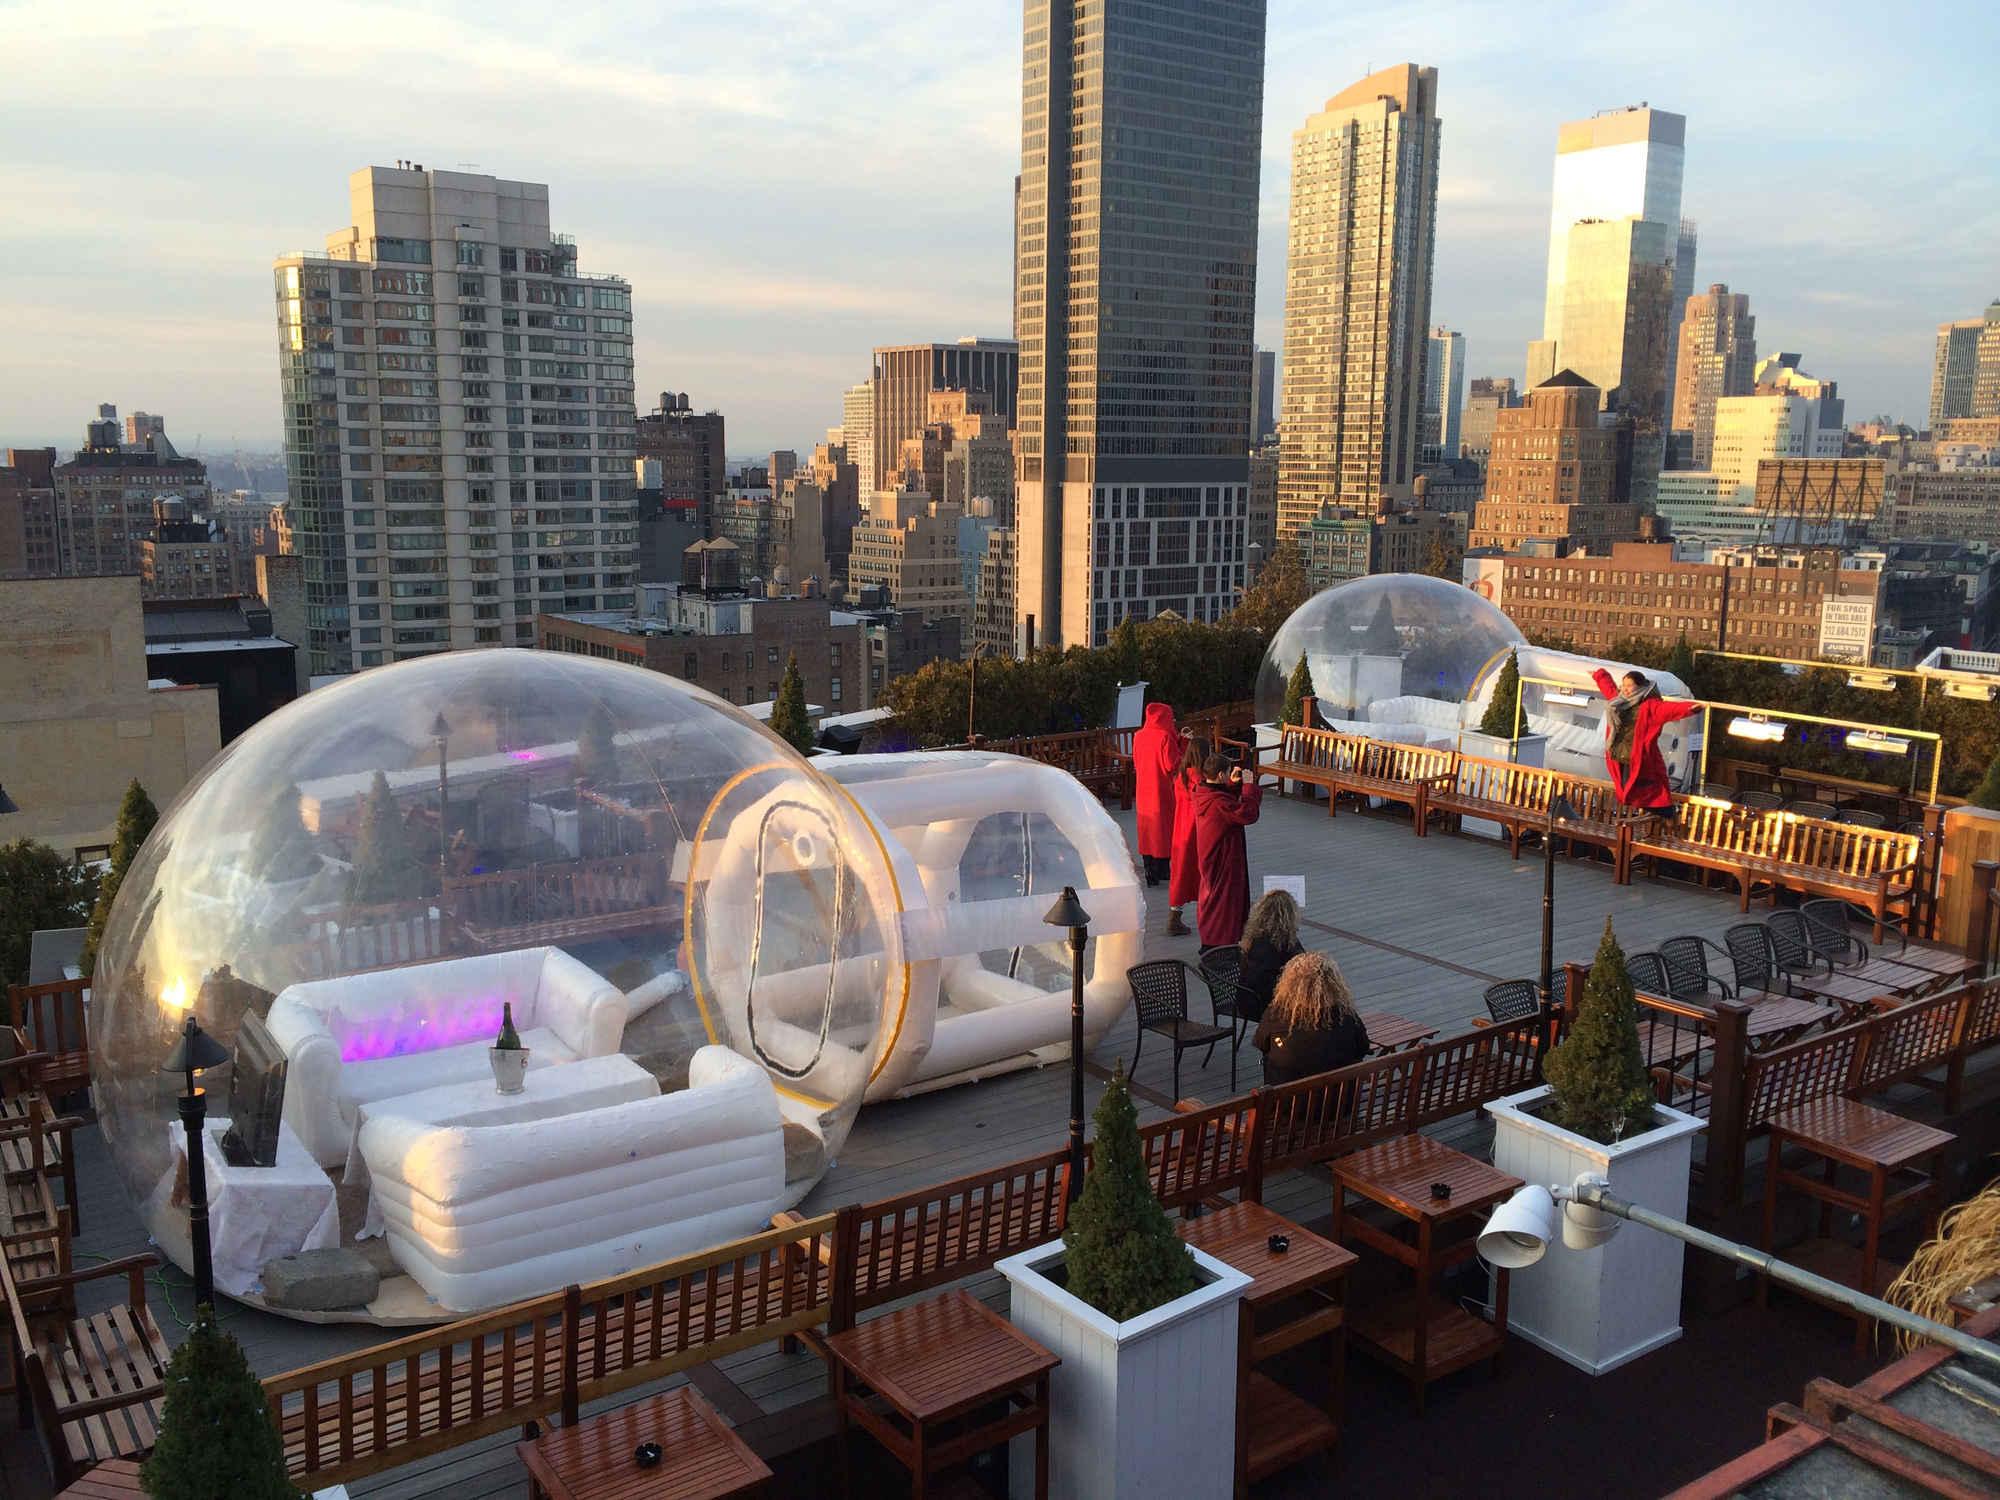 230 Fifth inflatable igloo